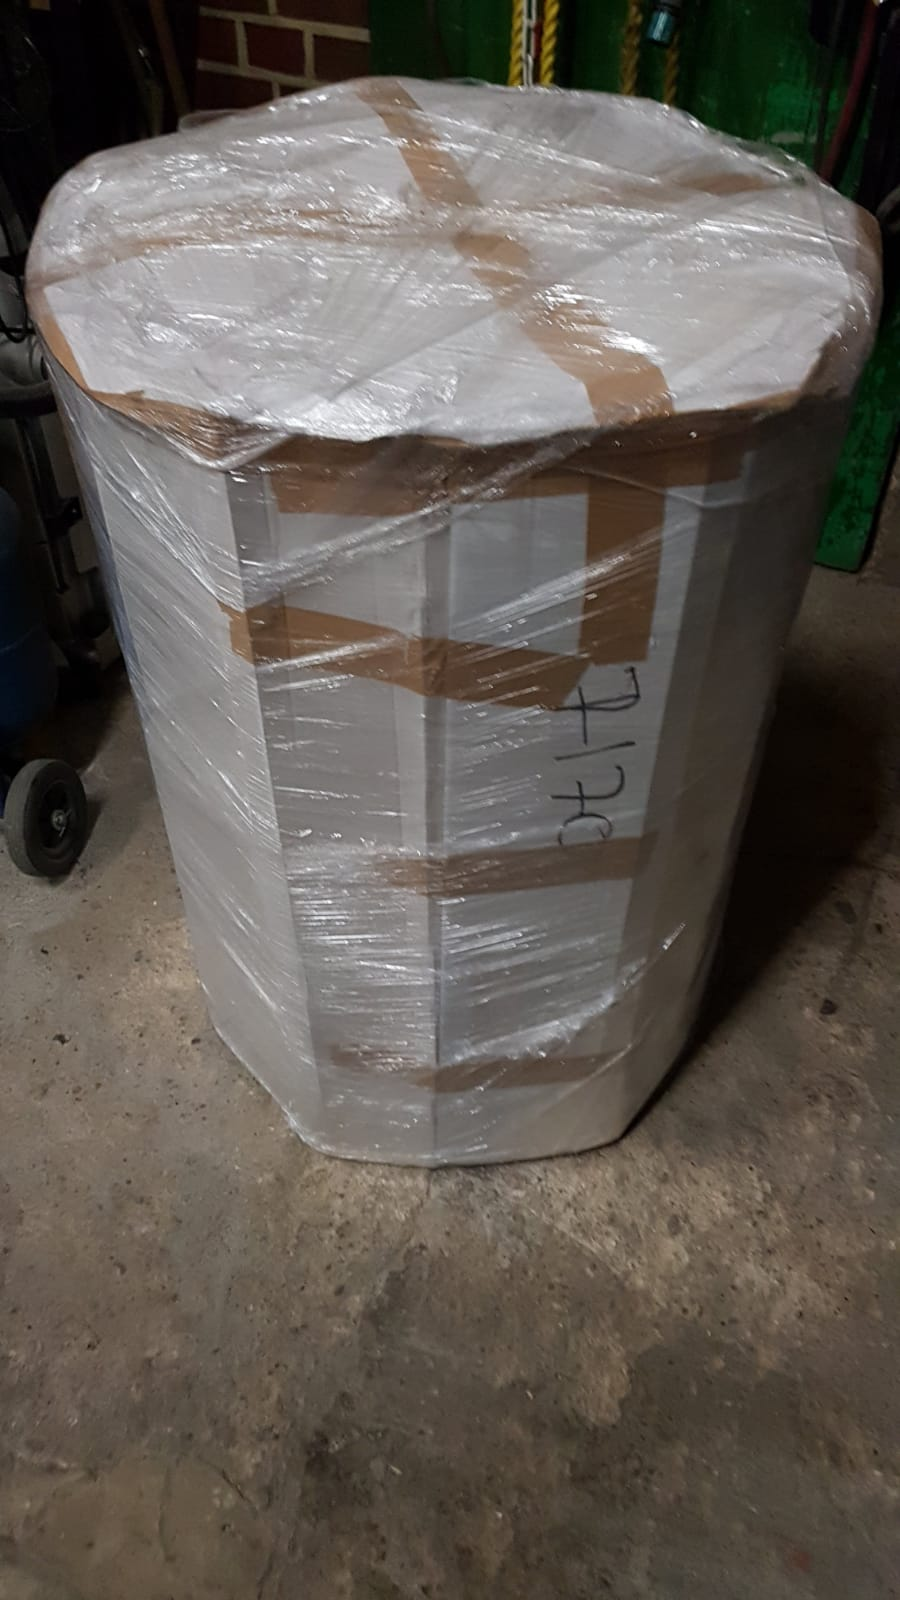 0/° Z o.o MK sp Breite 120 mm f/ür /ø 160 mm Edelstahl gl/änzend Keine Farbe w/ählbar Edelstahl Deckenblende zweiteilig mit Hinterl/üftung